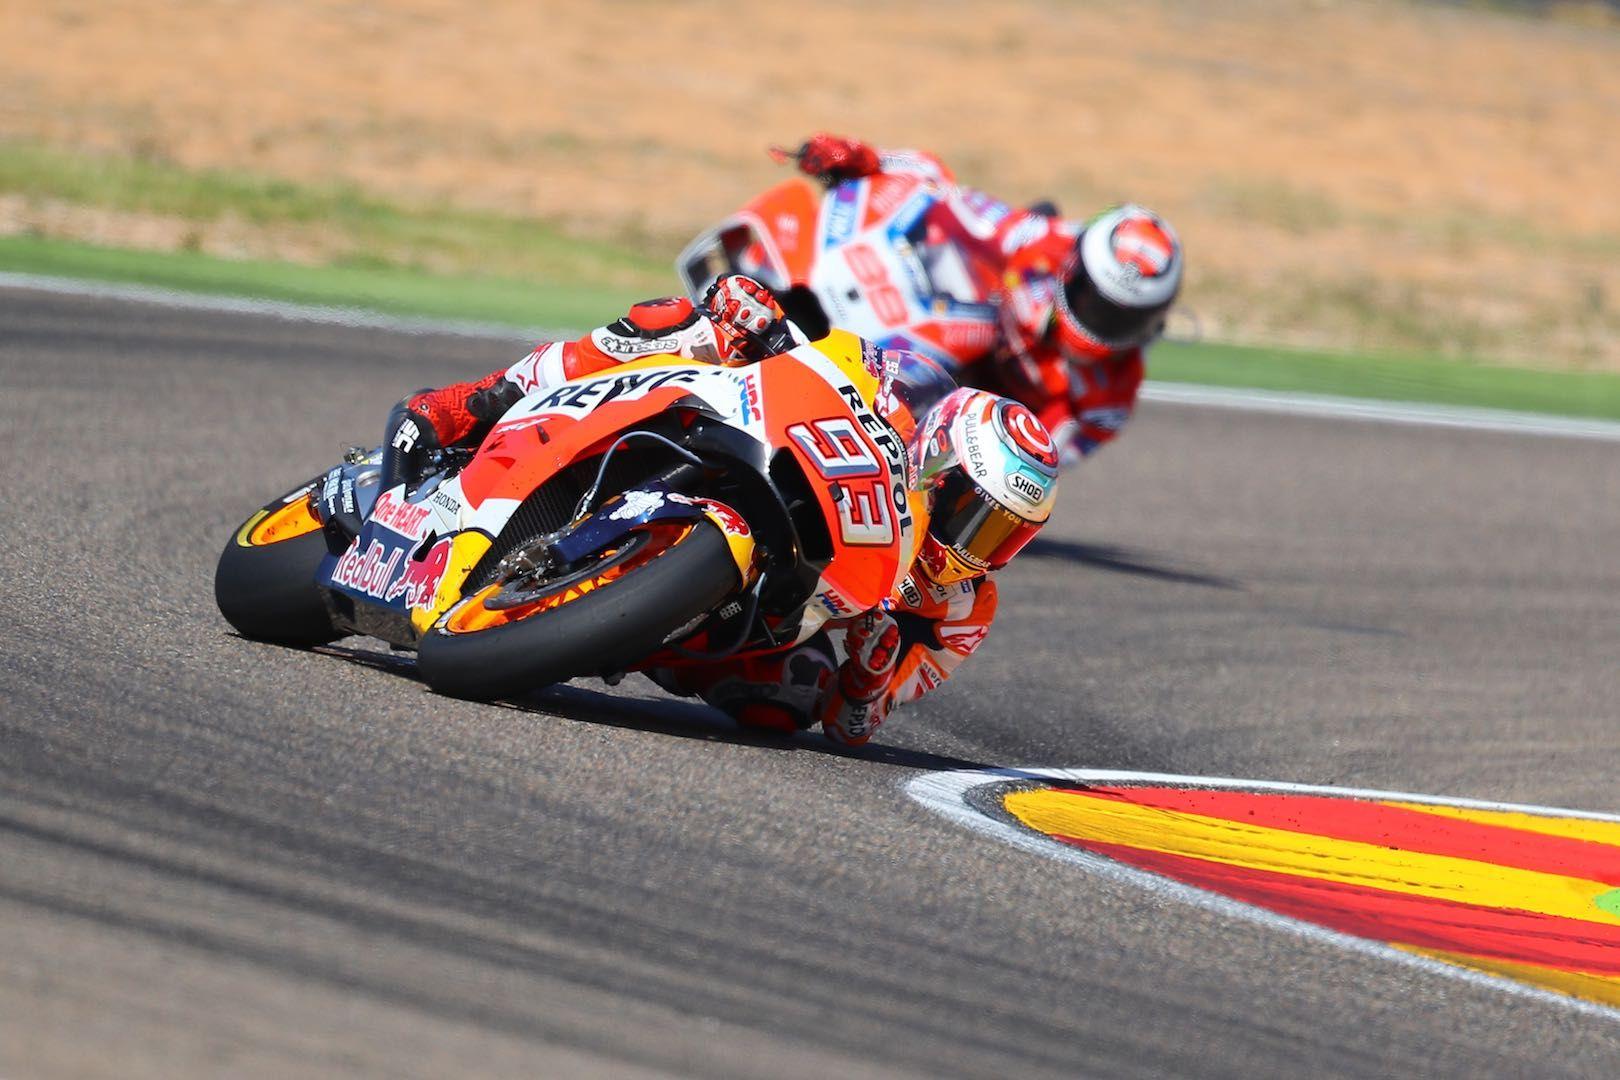 Watch MotoGP Aragon Live Stream Online Motogp, Aragon